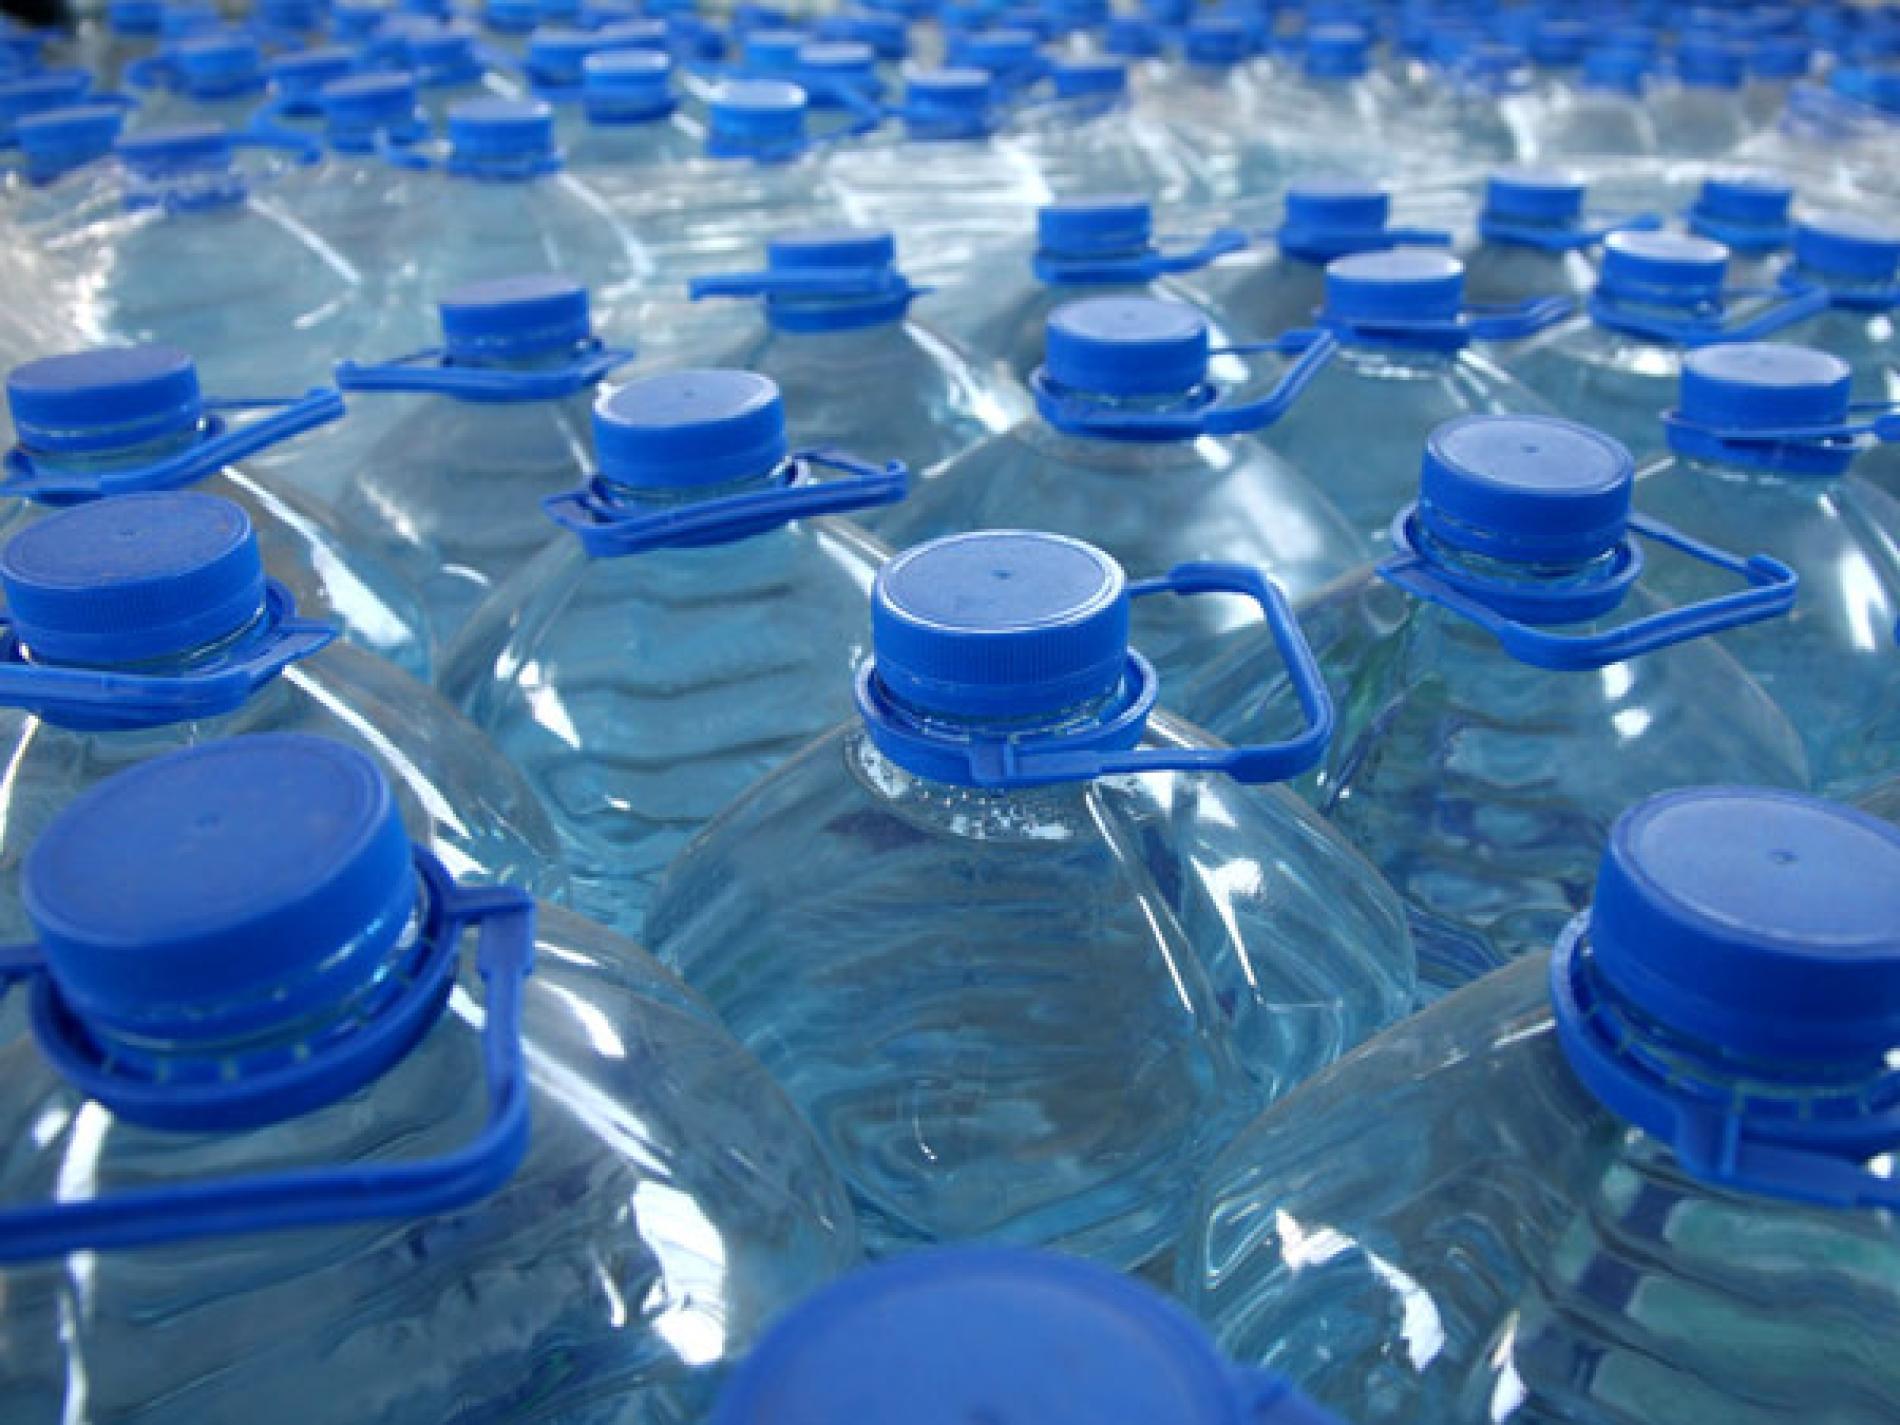 Sei trucchi per mangiare meno plastica